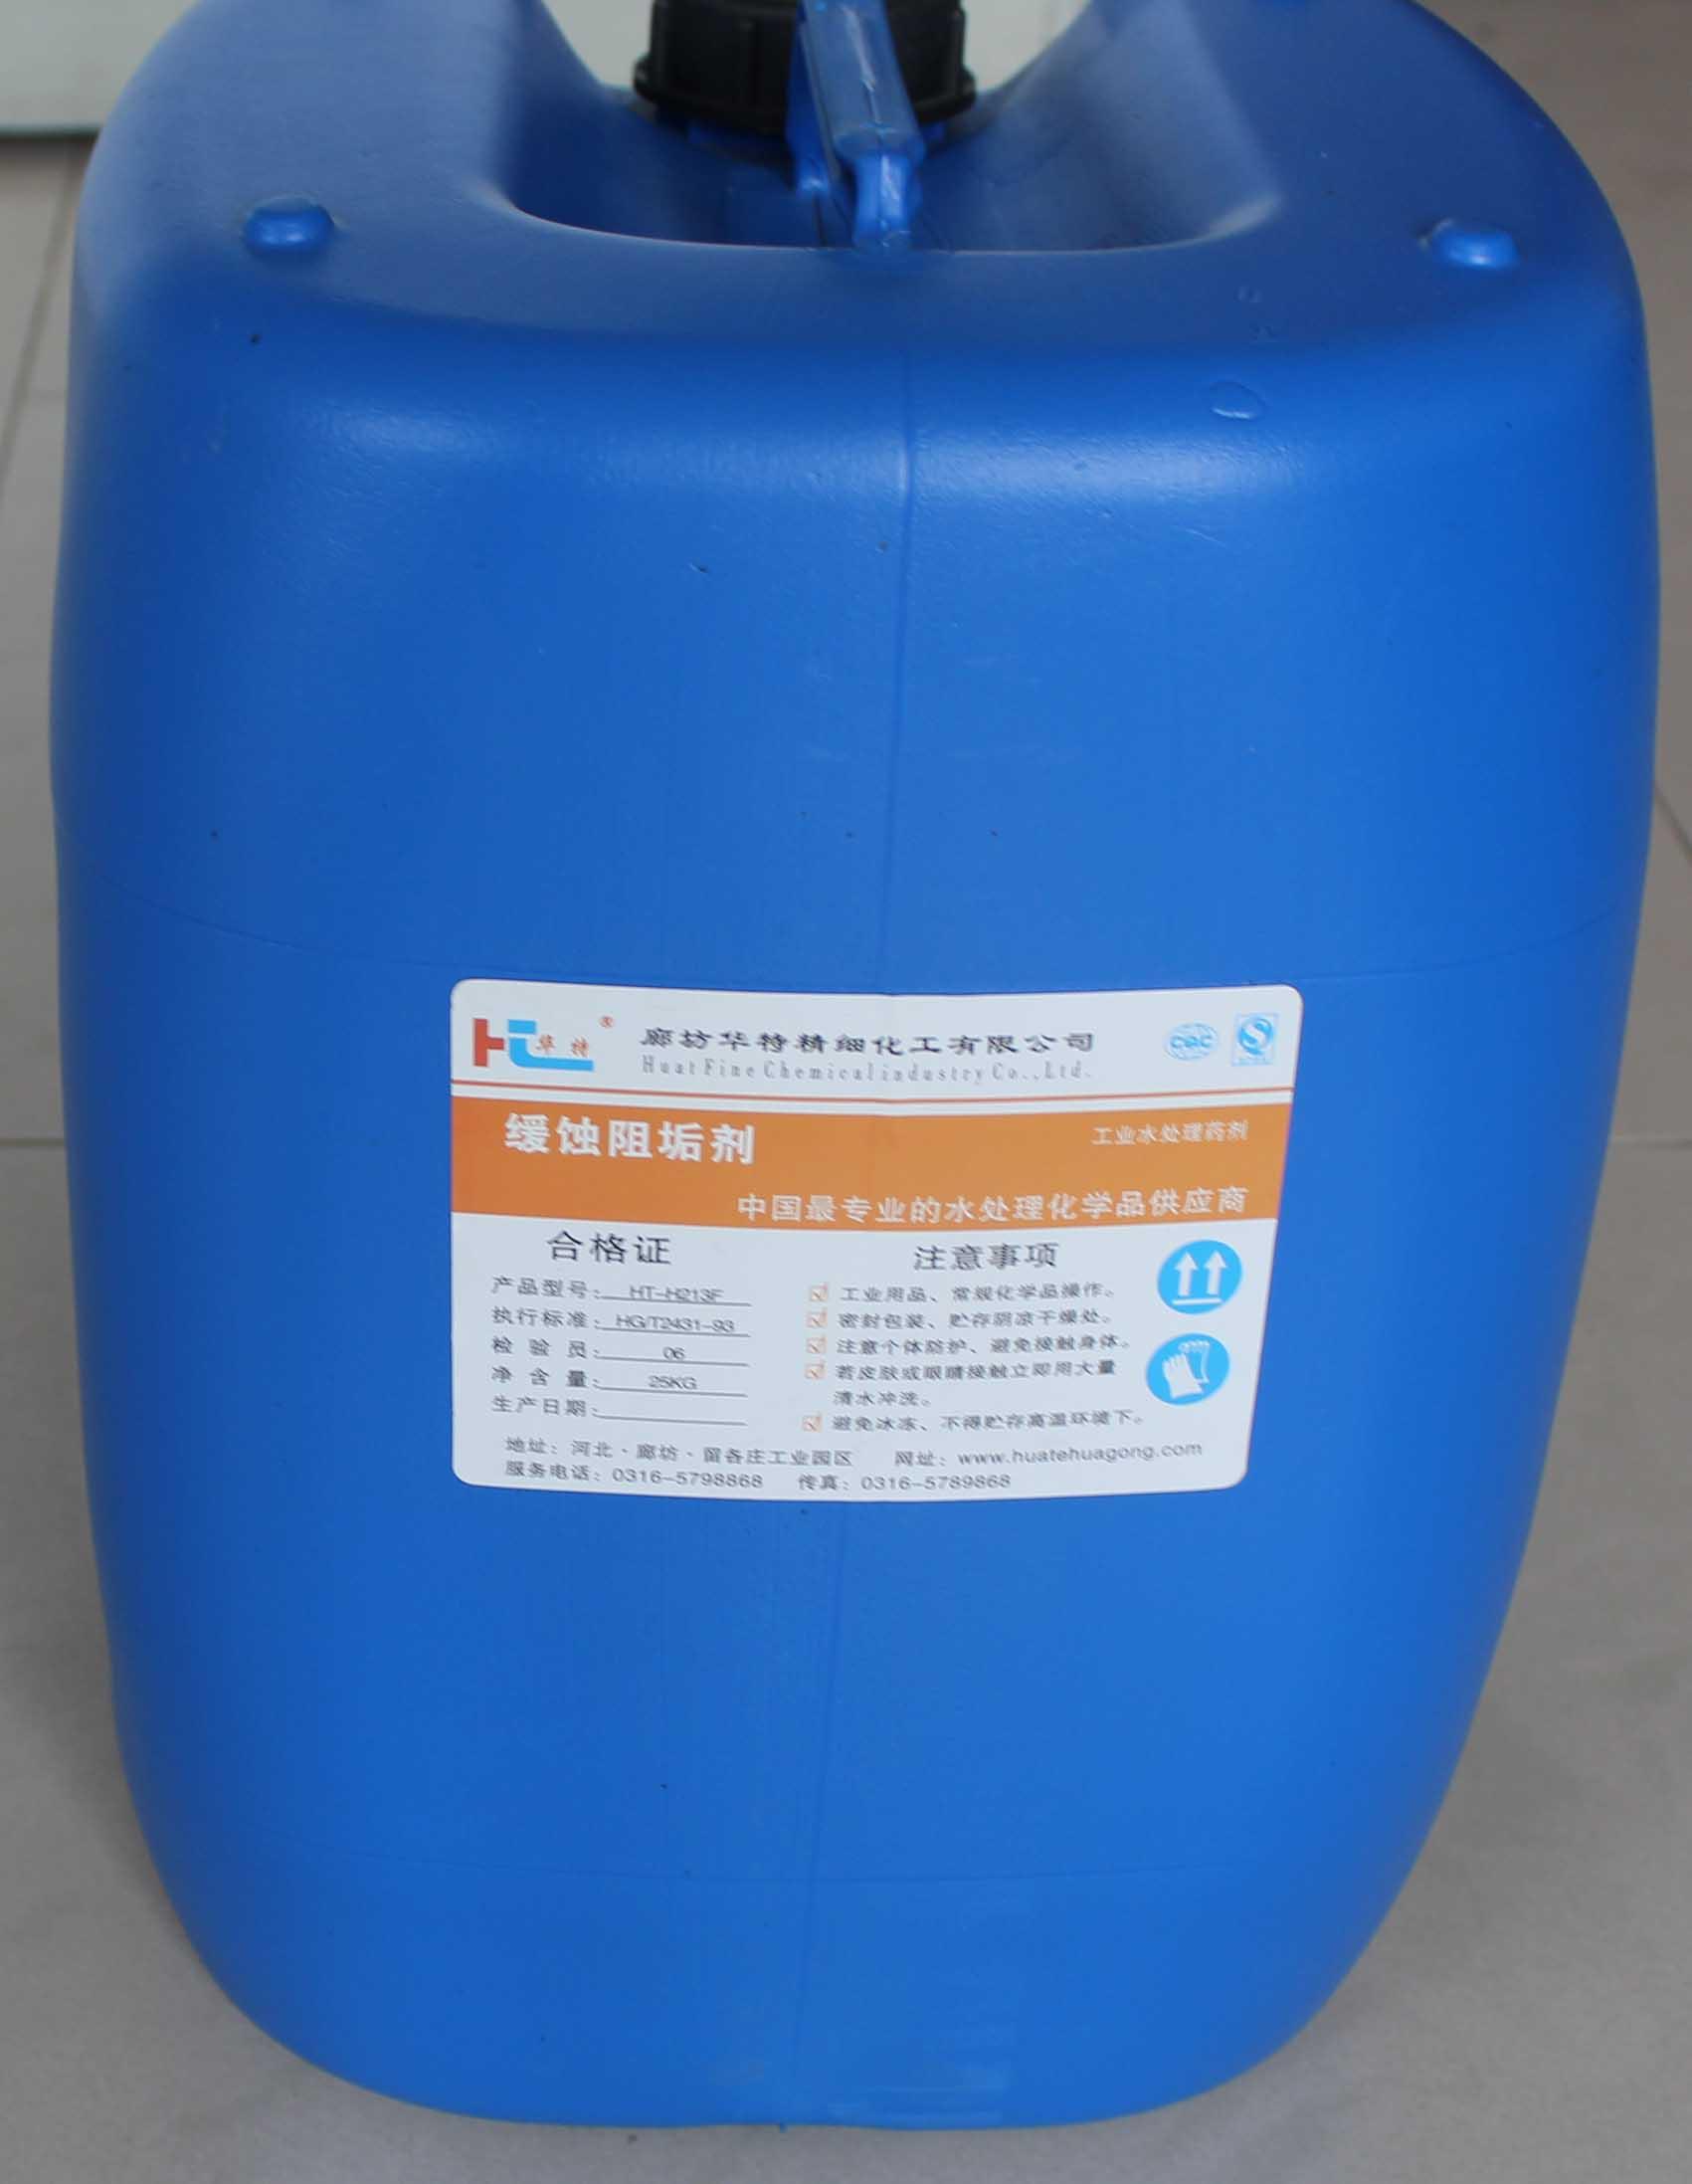 包装及储藏:25-30kg尼龙塑料桶或200kg衬塑铁桶装,贮存于室内通风